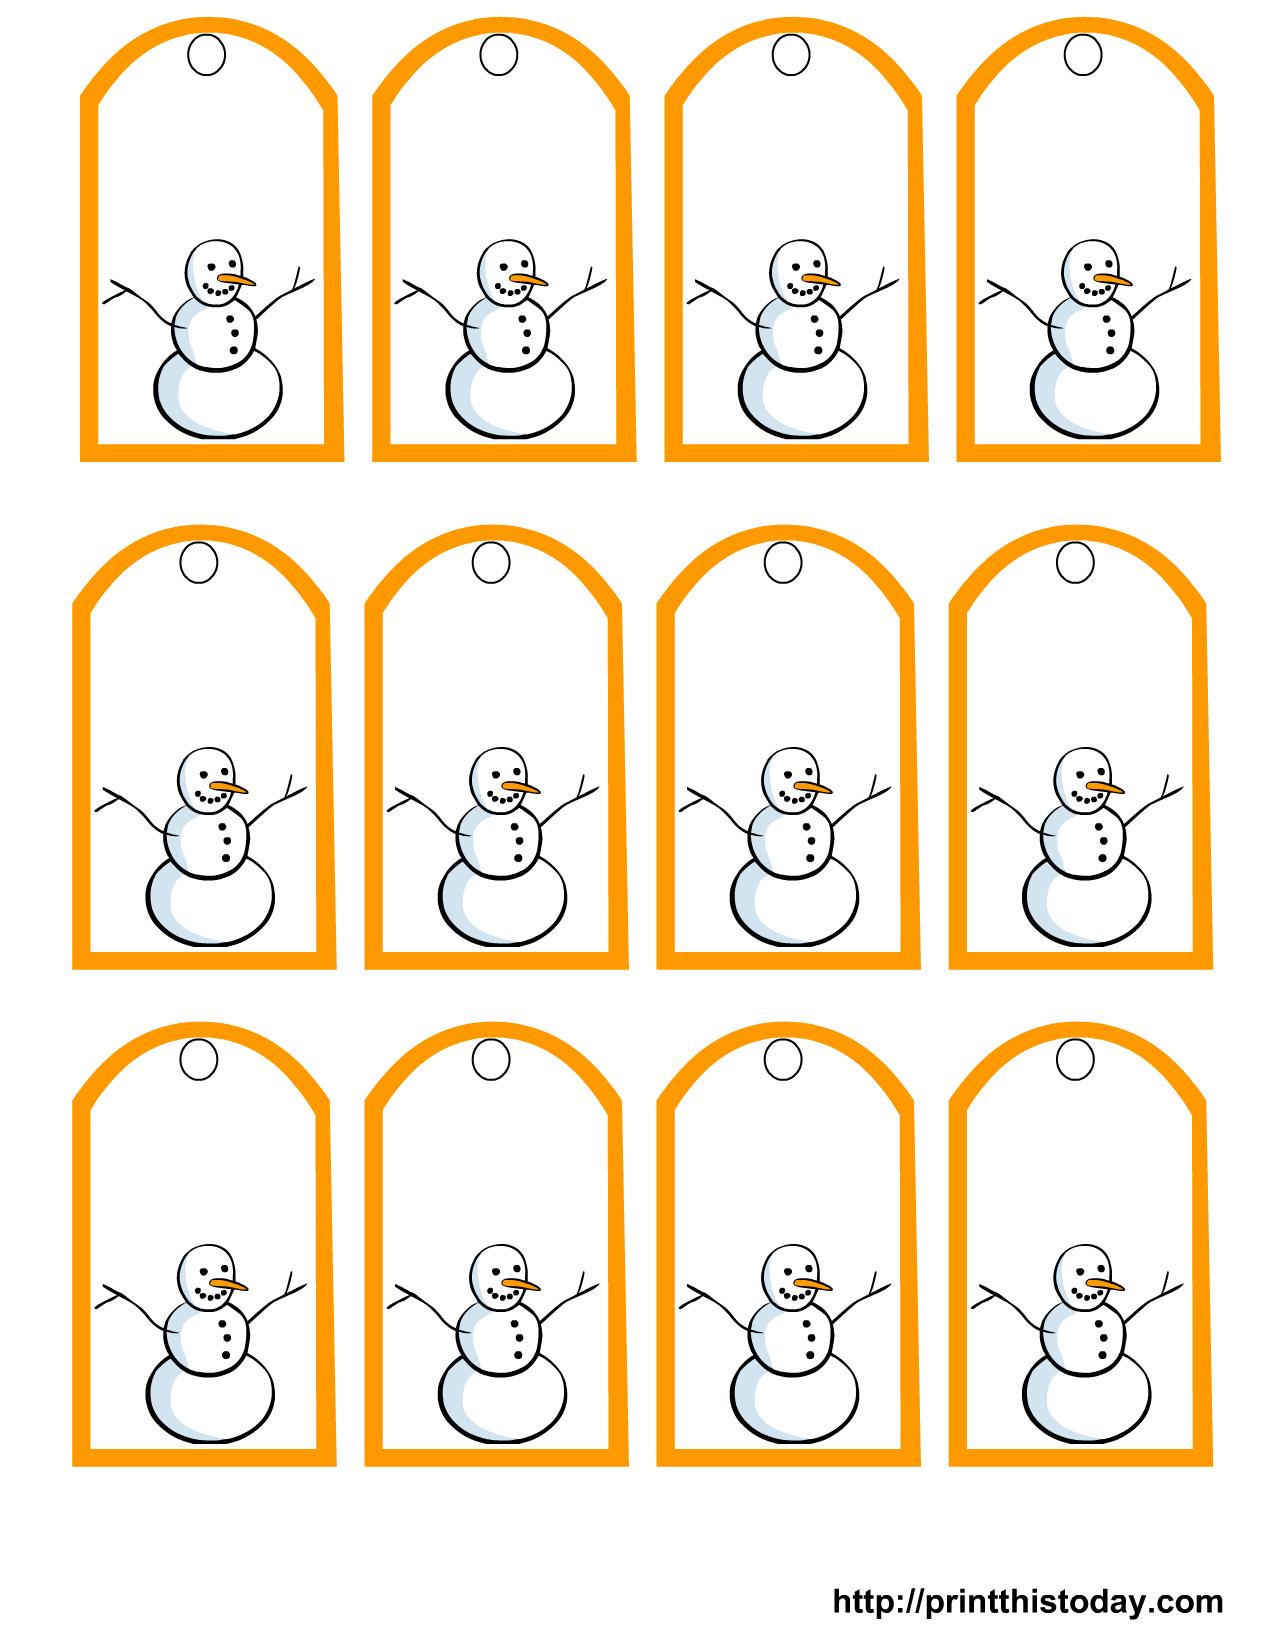 Free Printable Snowman Christmas Gift Tags - Free Printable To From Gift Tags